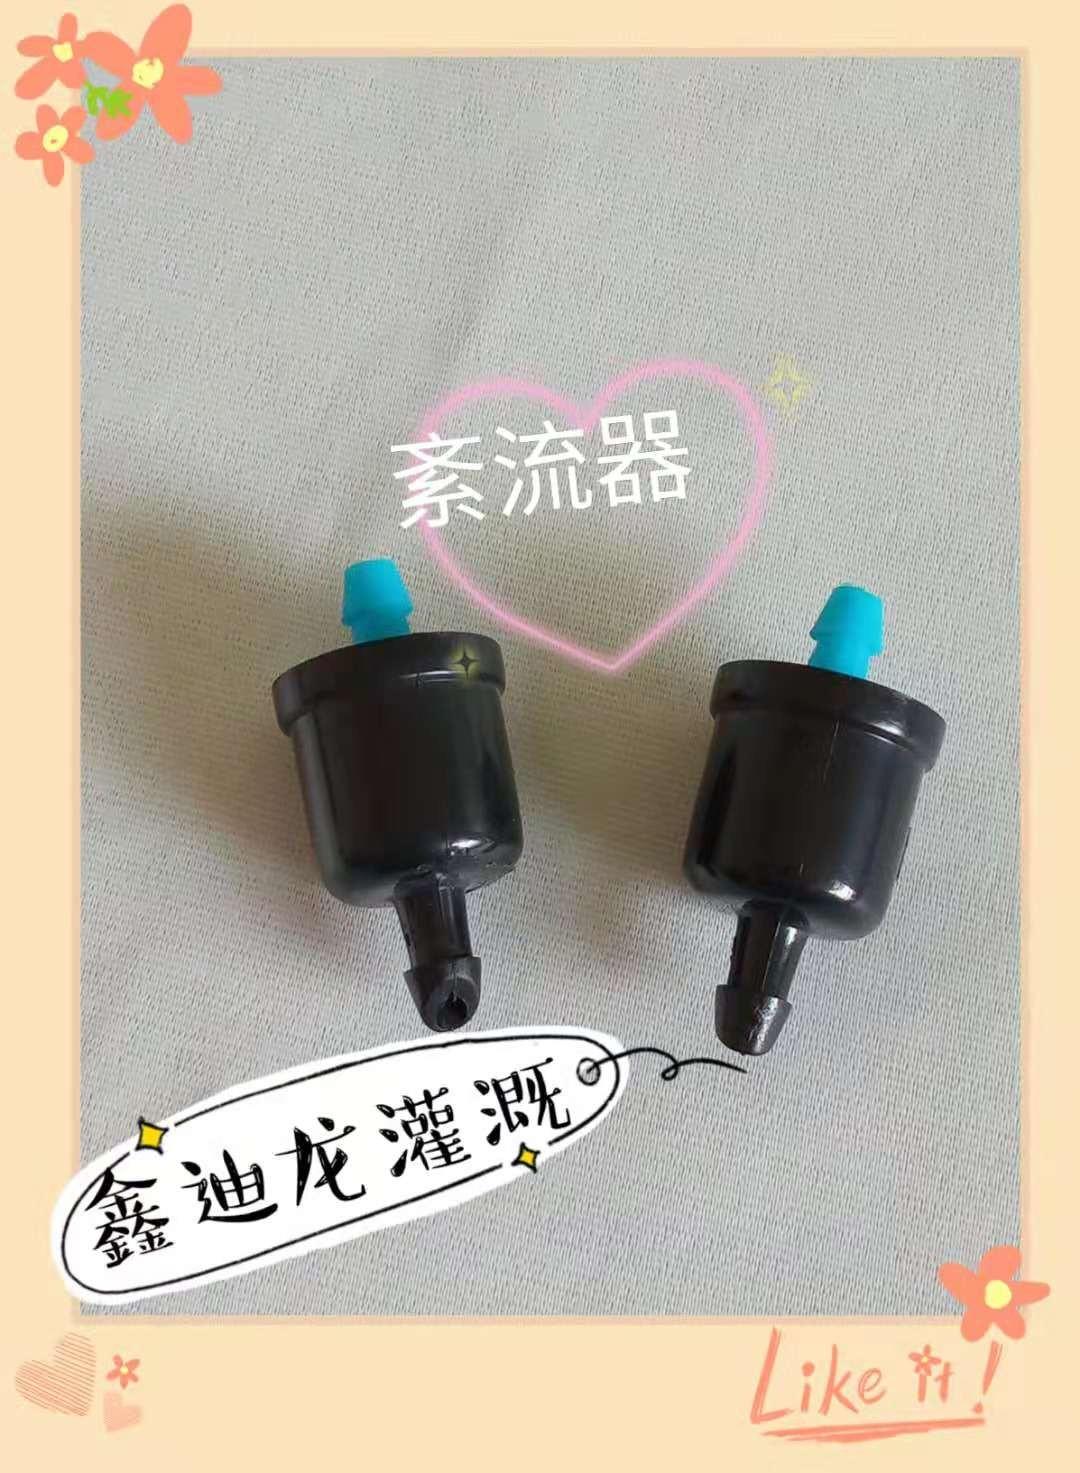 湖南省怀化市苗木滴灌紊流器价格生产基地